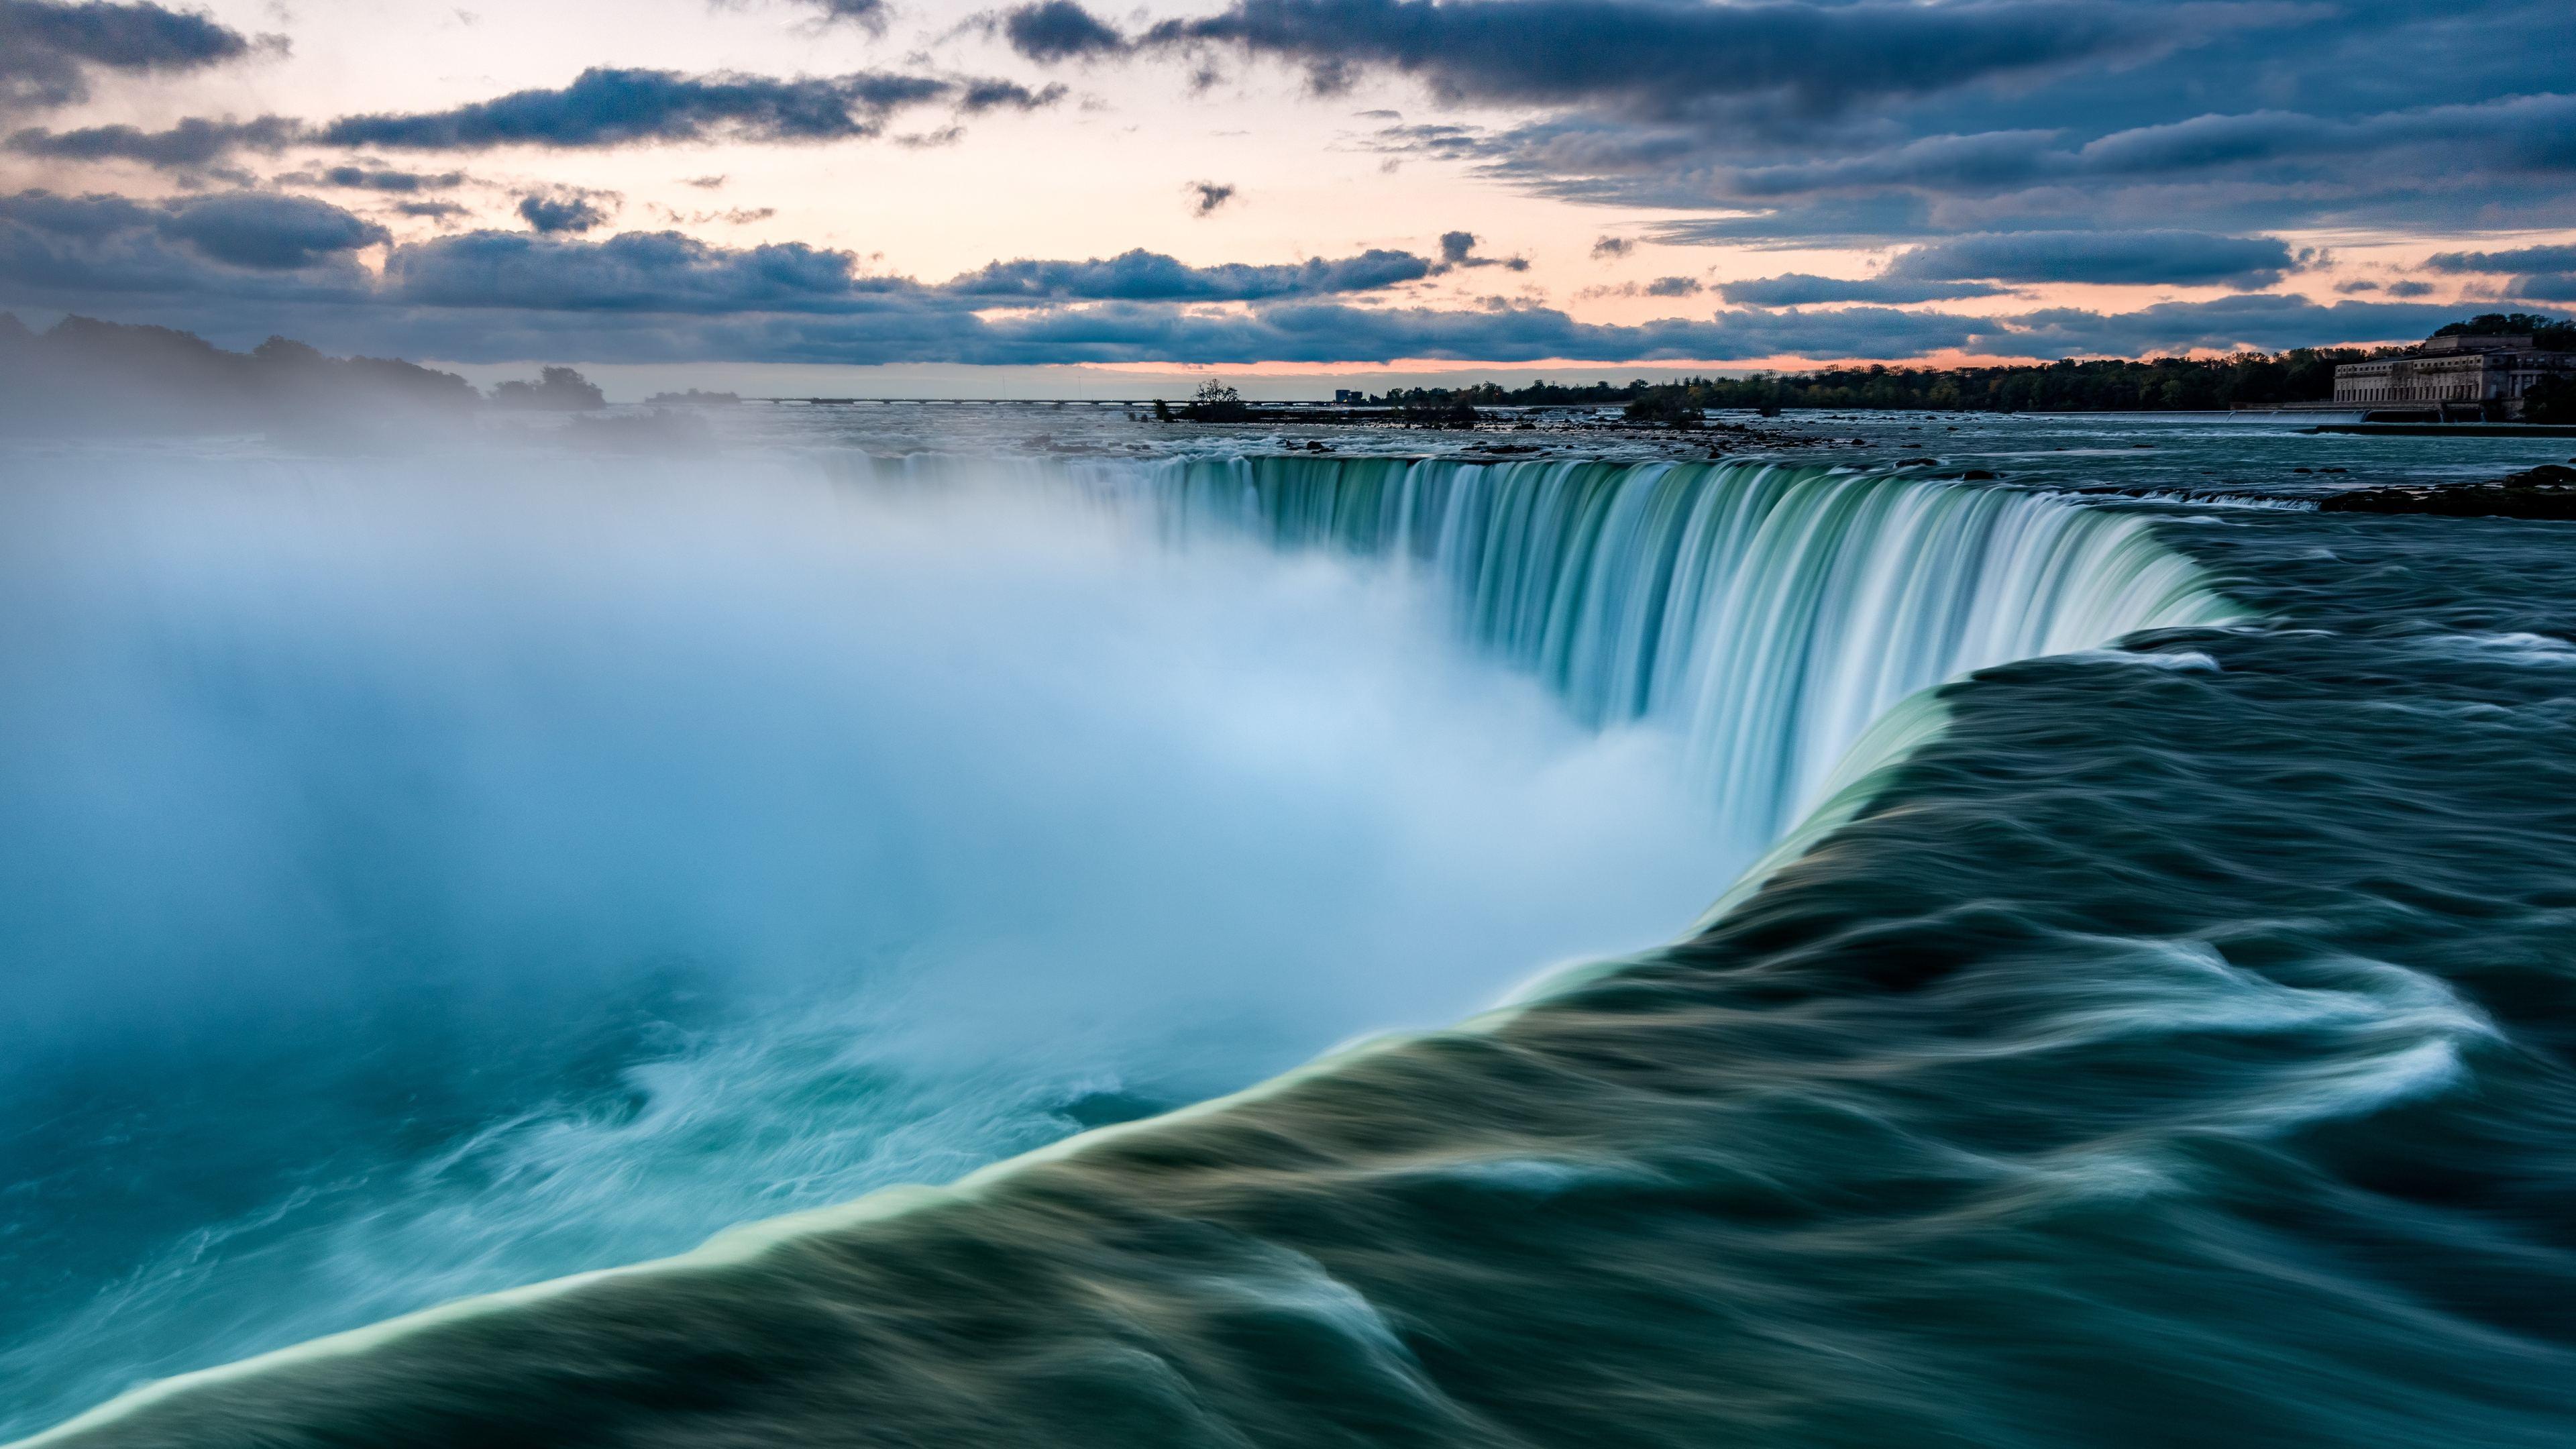 Wallpaper 4k Niagara Falls 4k 4k Wallpapers 5k Wallpapers